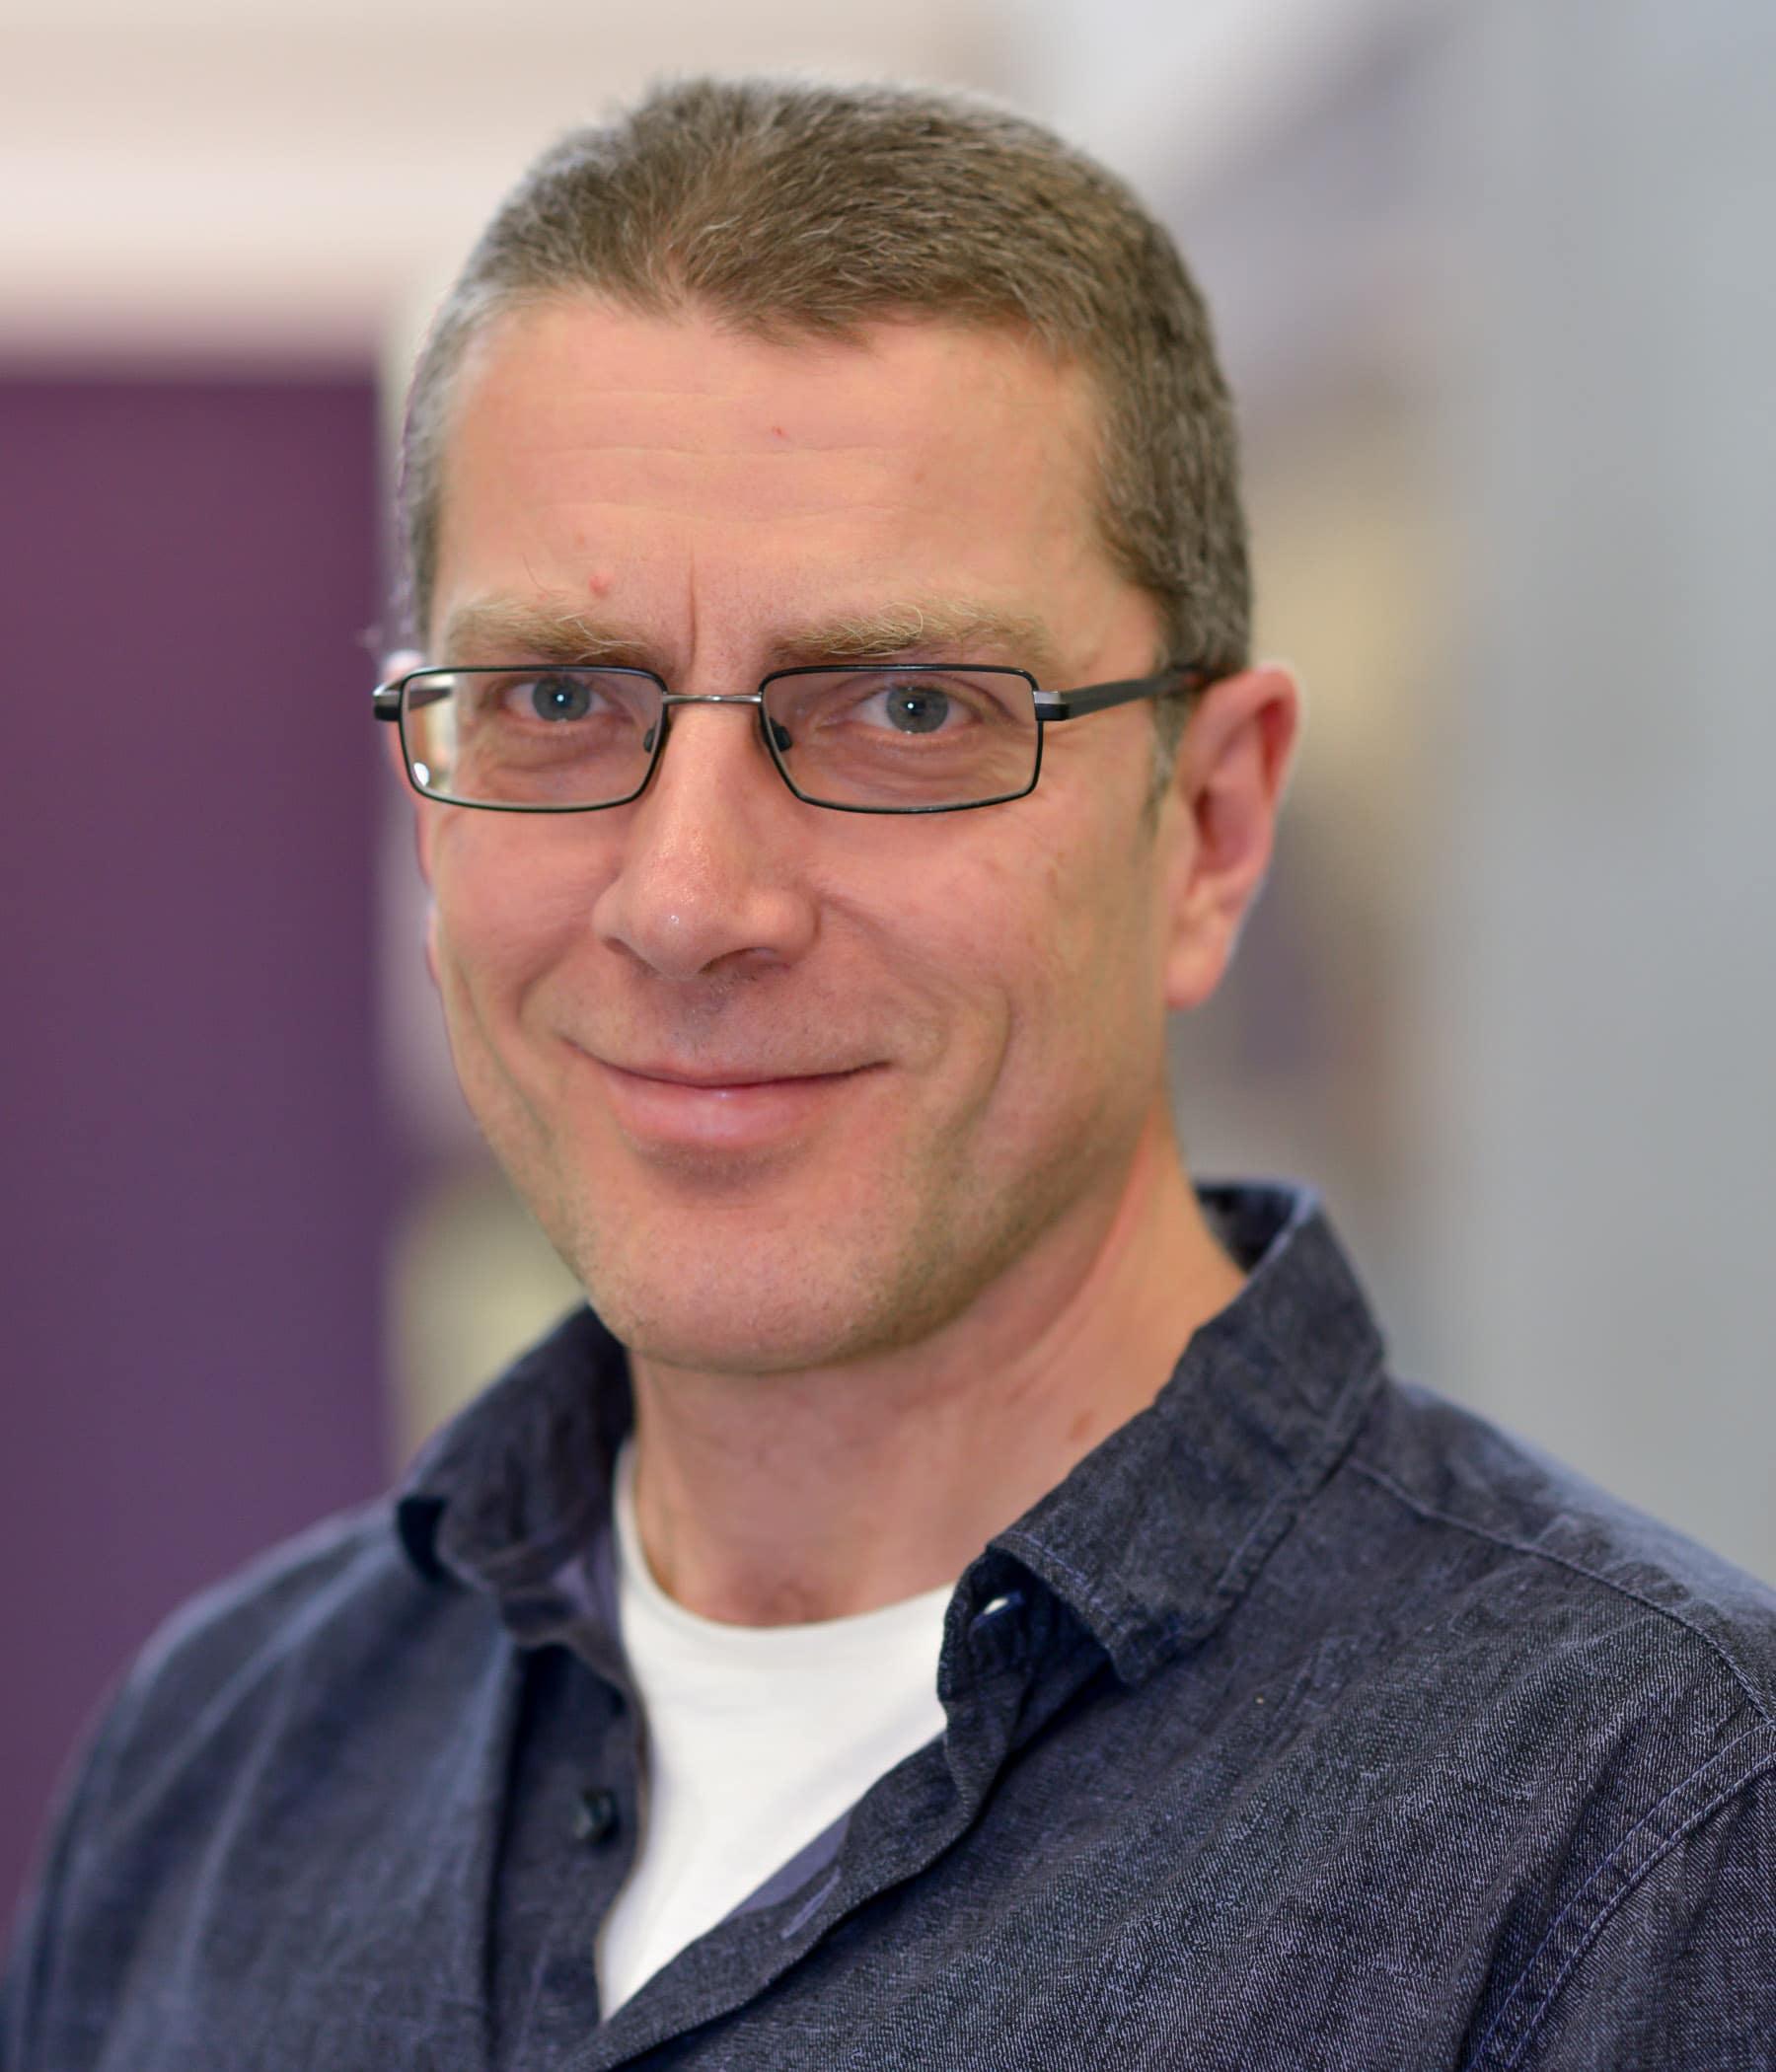 Professor Steven Sorrell